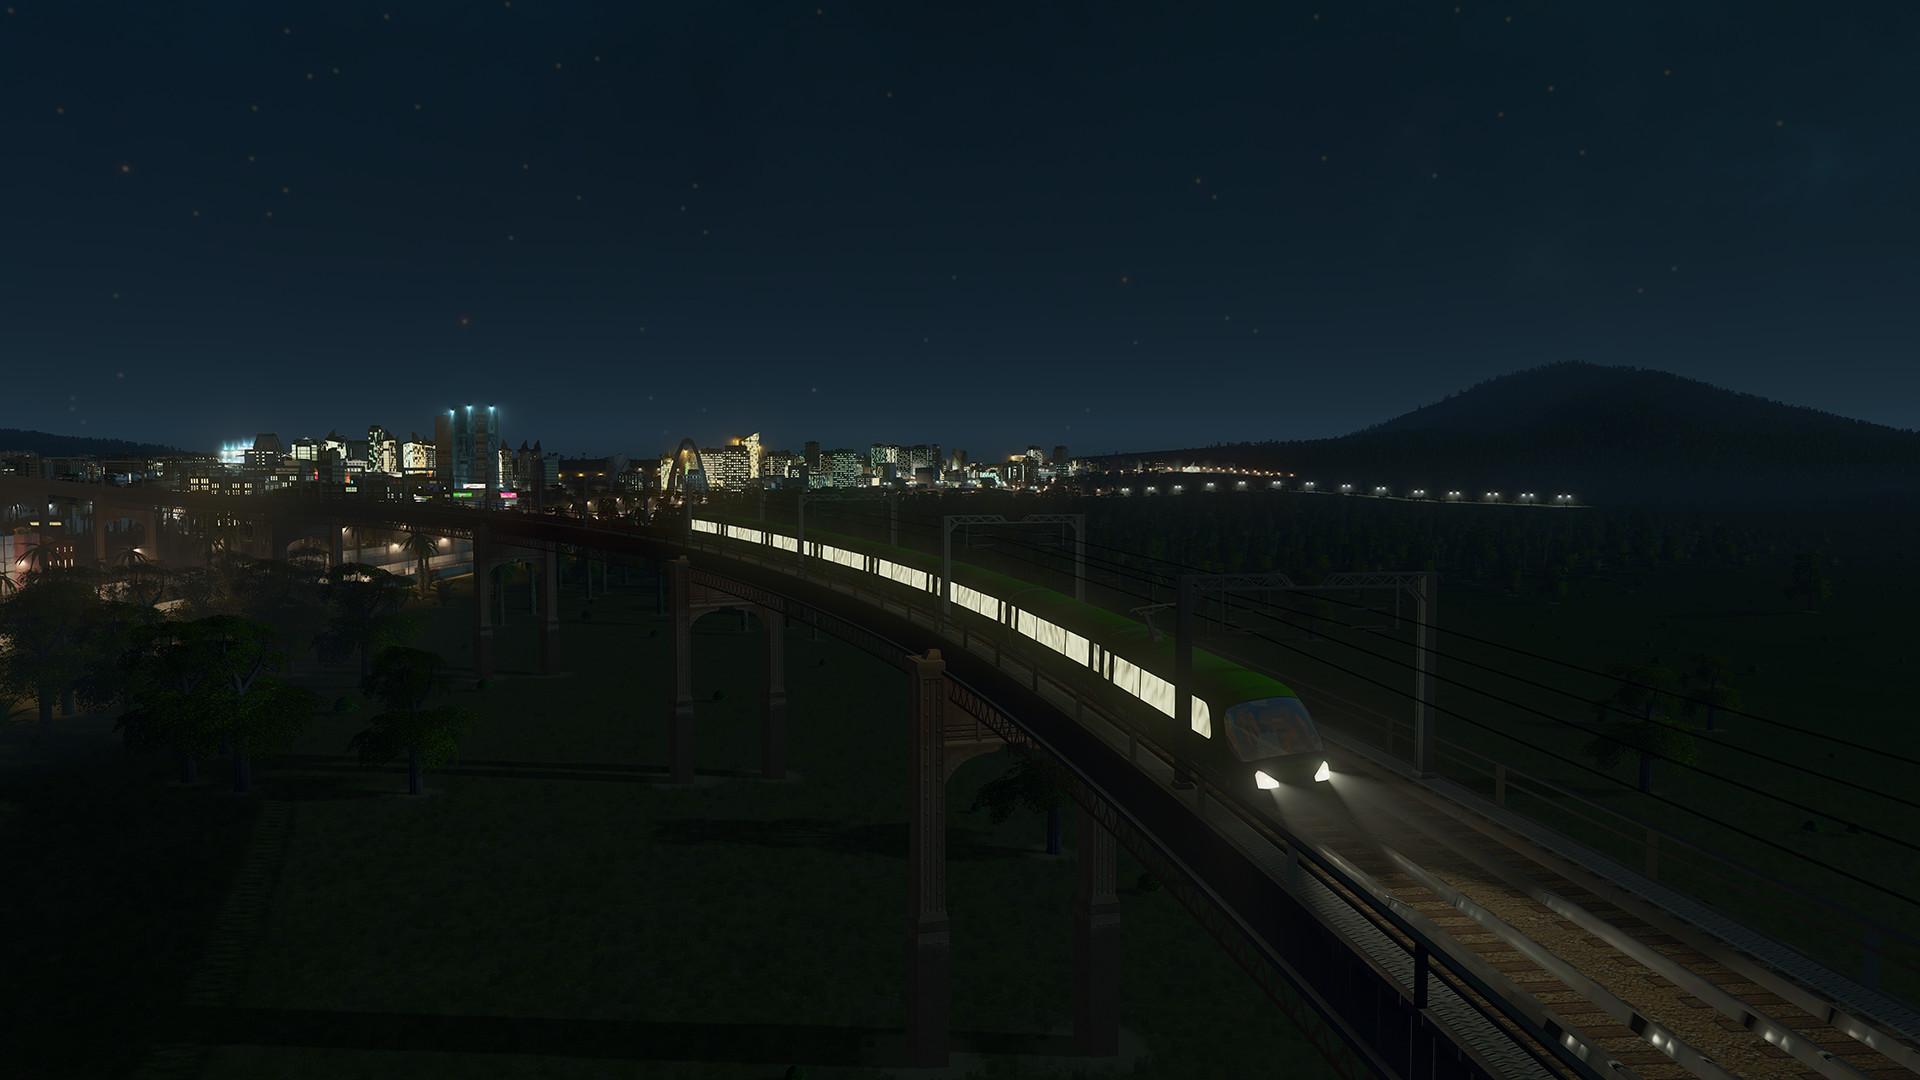 سی دی کی اریجینال استیم بازی Cities: Skylines